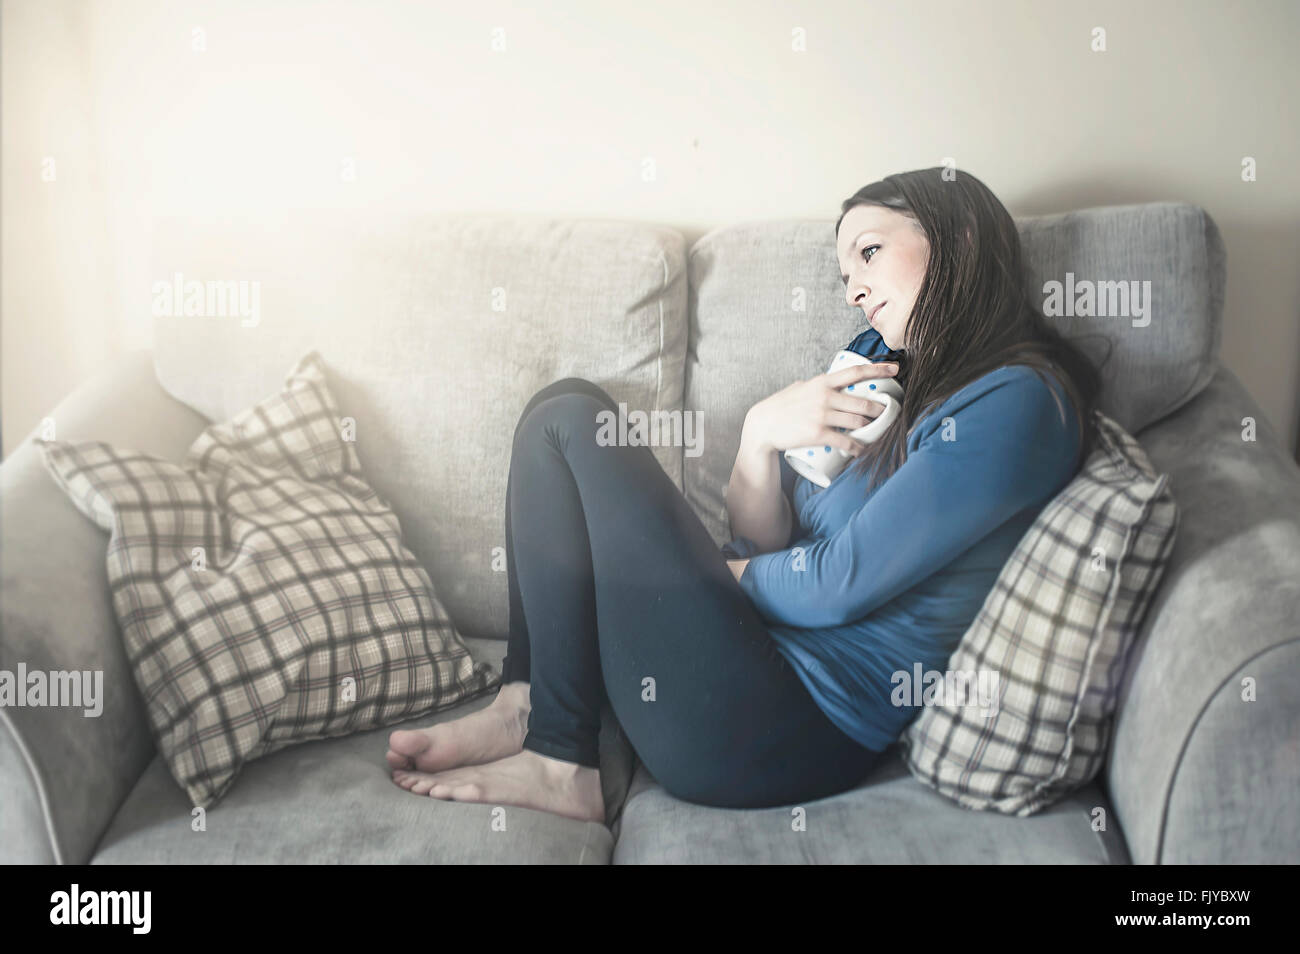 junge Frau ruht in Sofa-Bett Stockbild